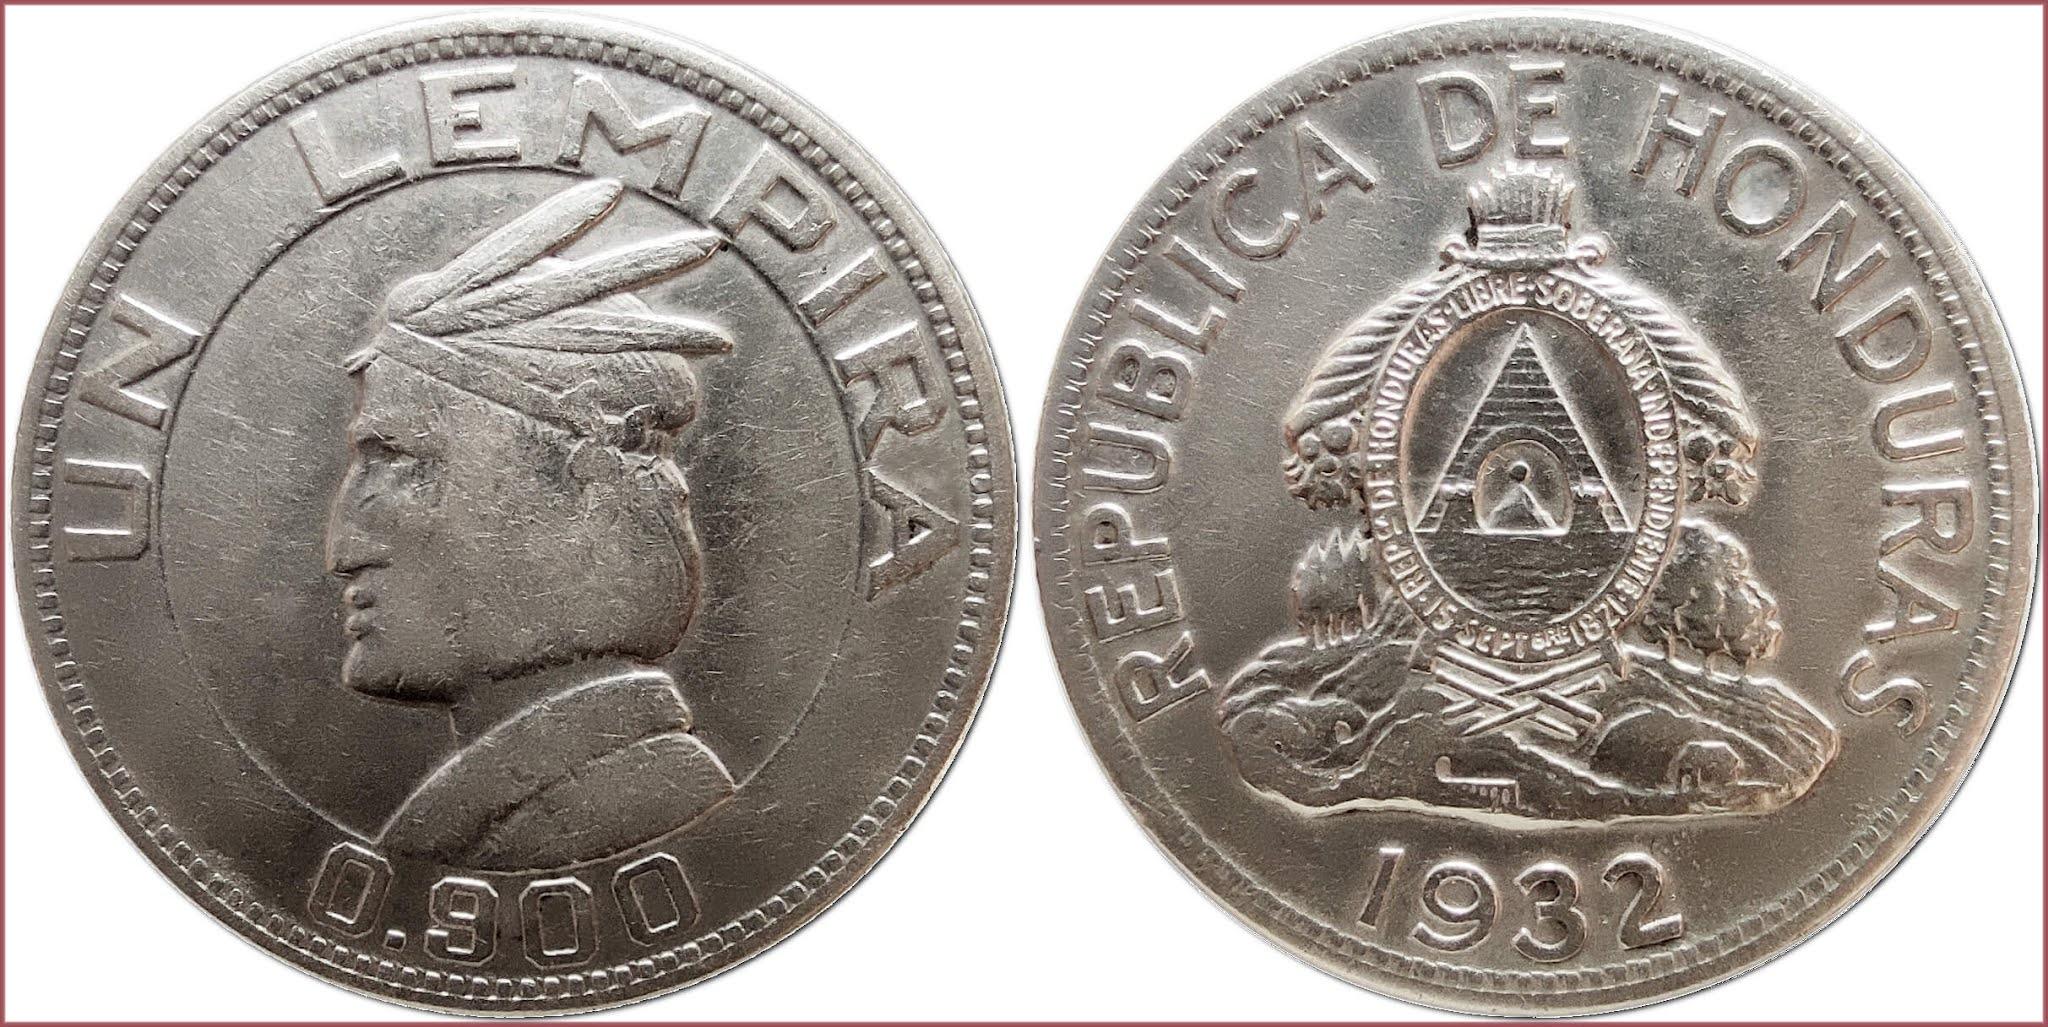 1 lempira, 1932: Republic of Honduras